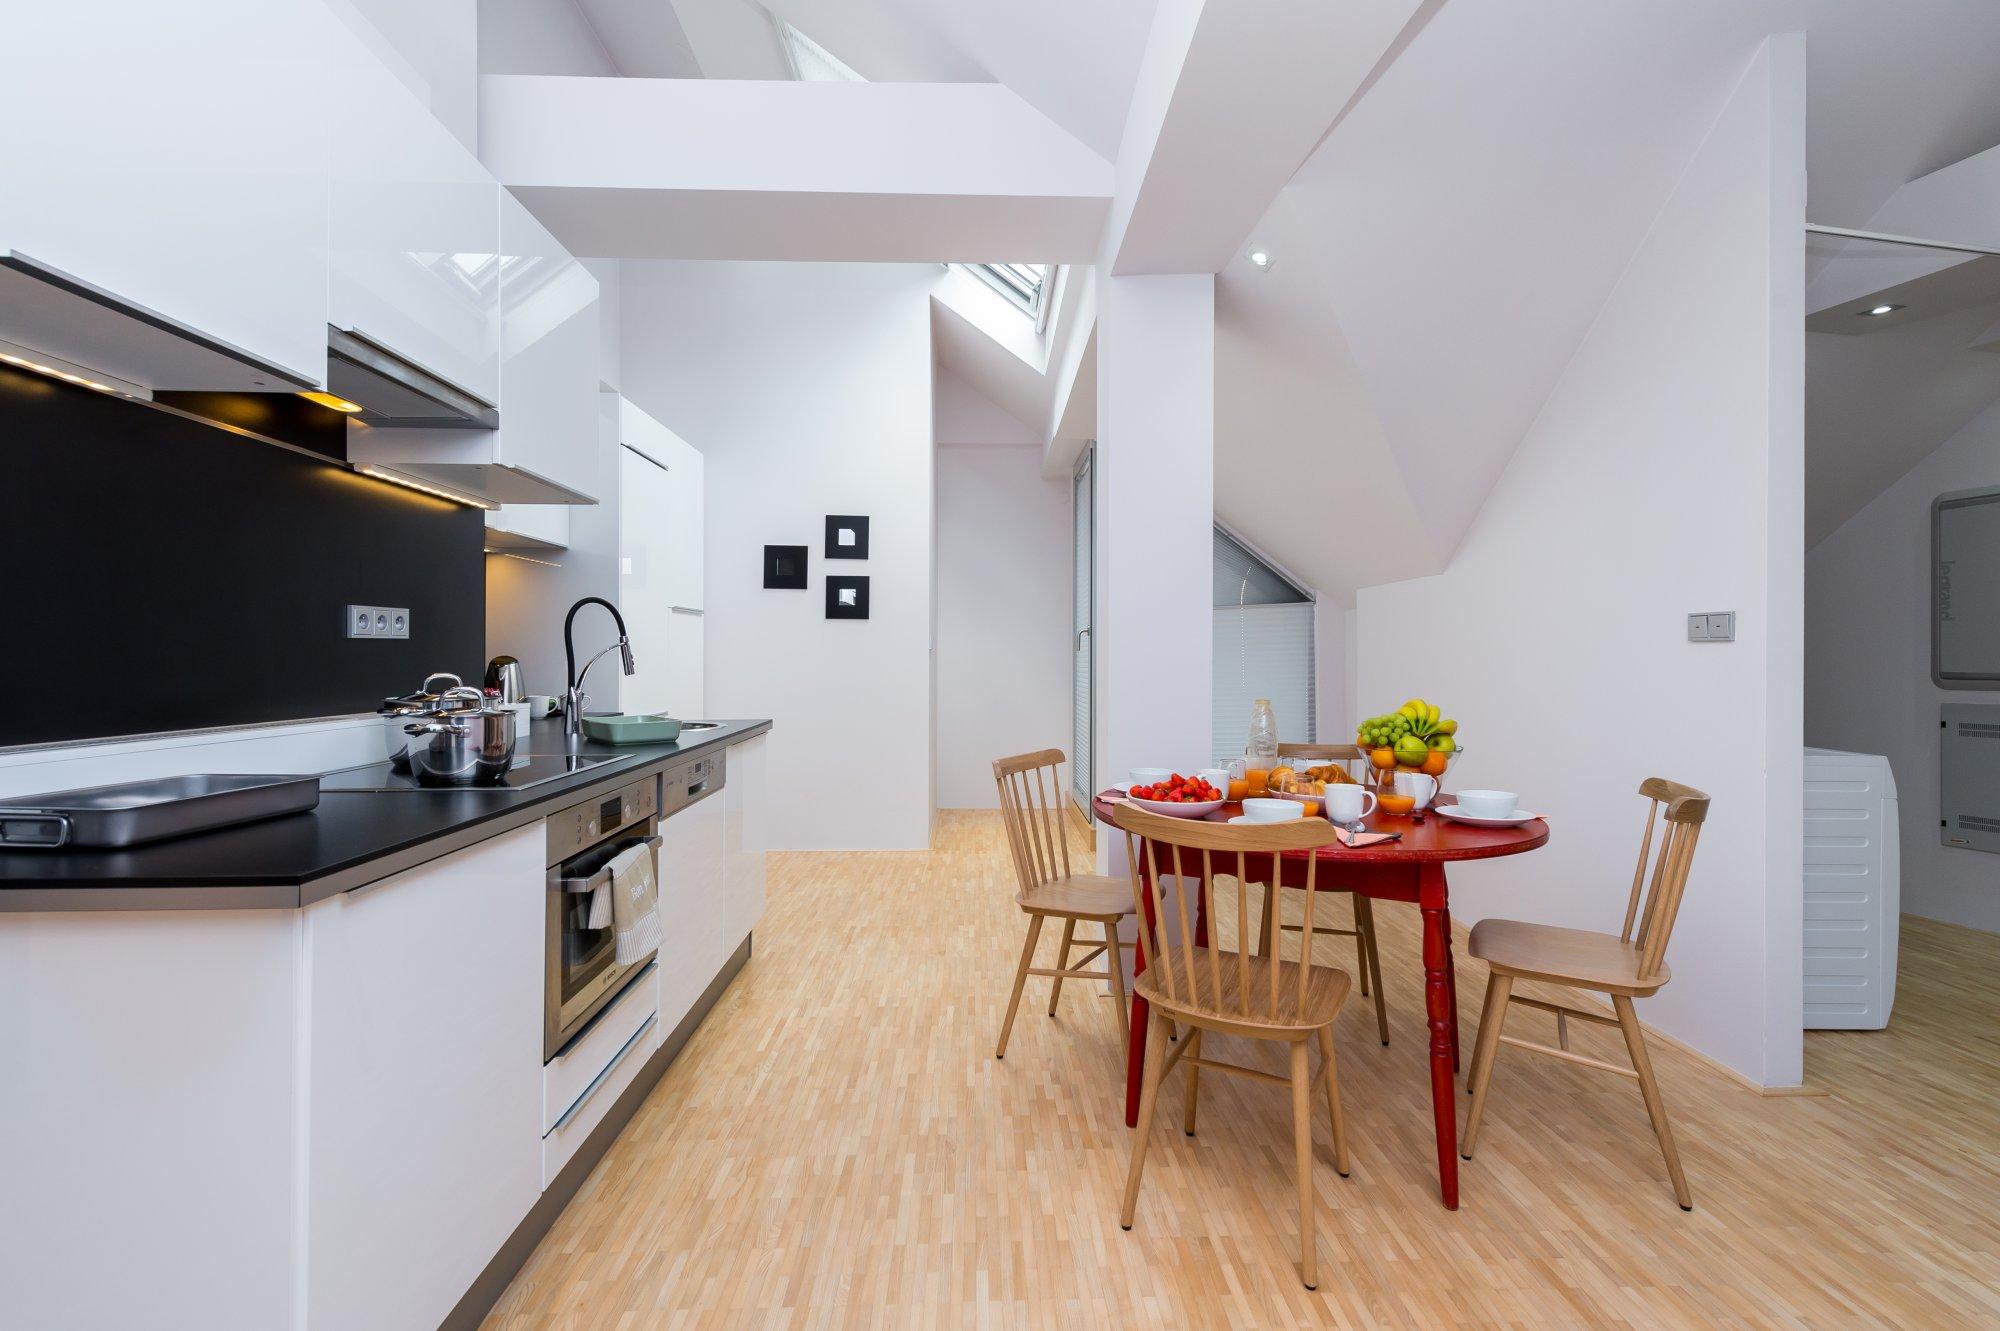 Půdní byt 4+kk, plocha 159 m², ulice Ve Smečkách, Praha 1 - Nové Město | 2